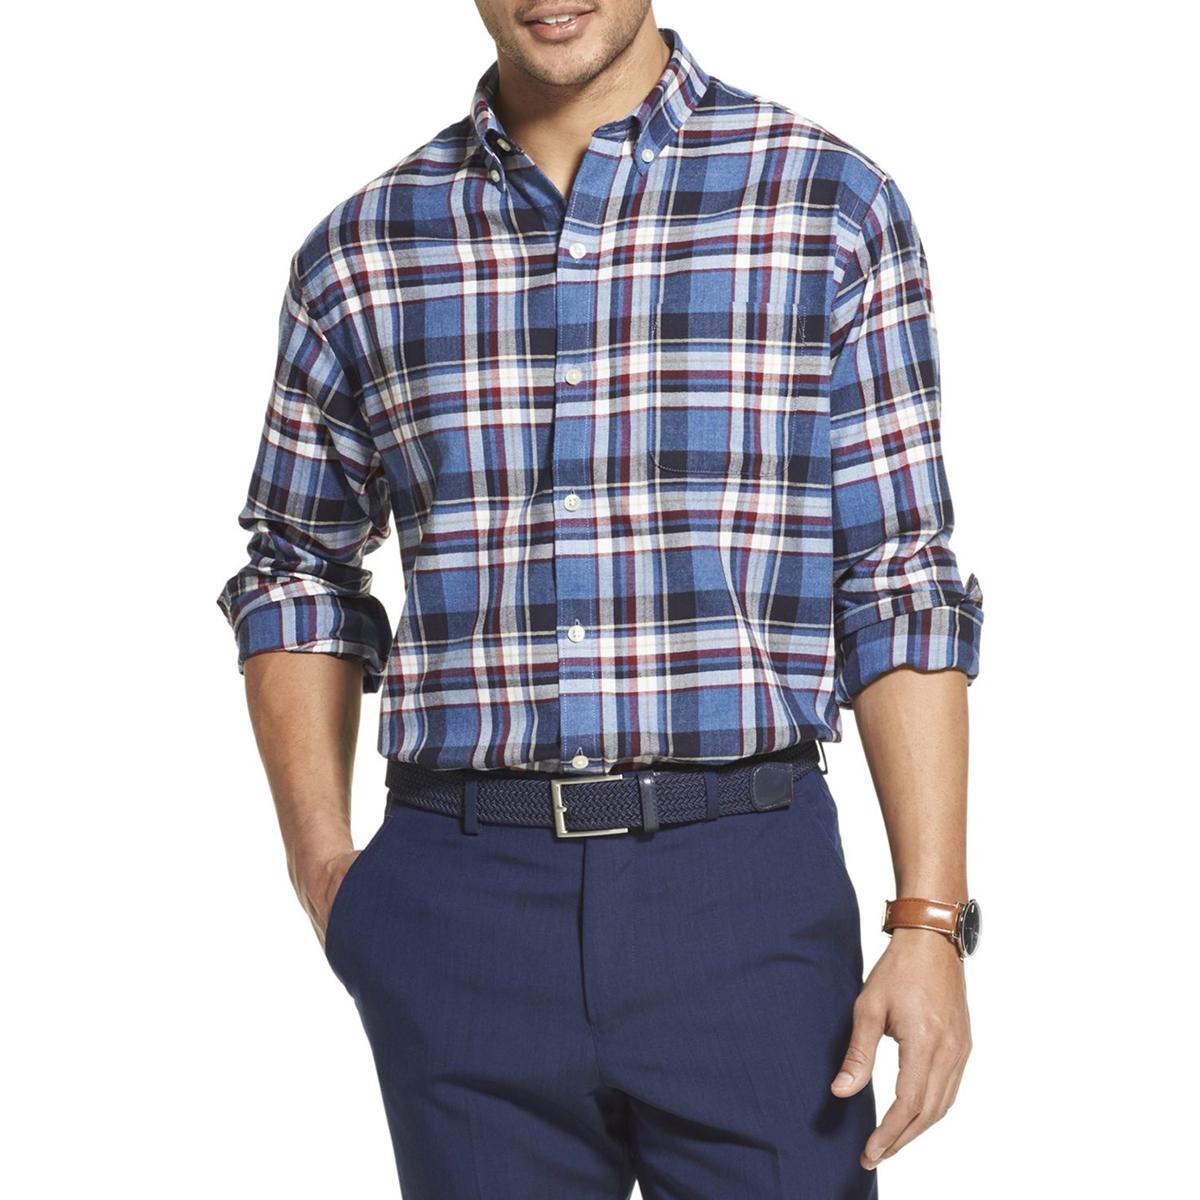 Van Heusen Men's Long-Sleeve Flex Non-Iron Button Down Shirt - Various Patterns, M